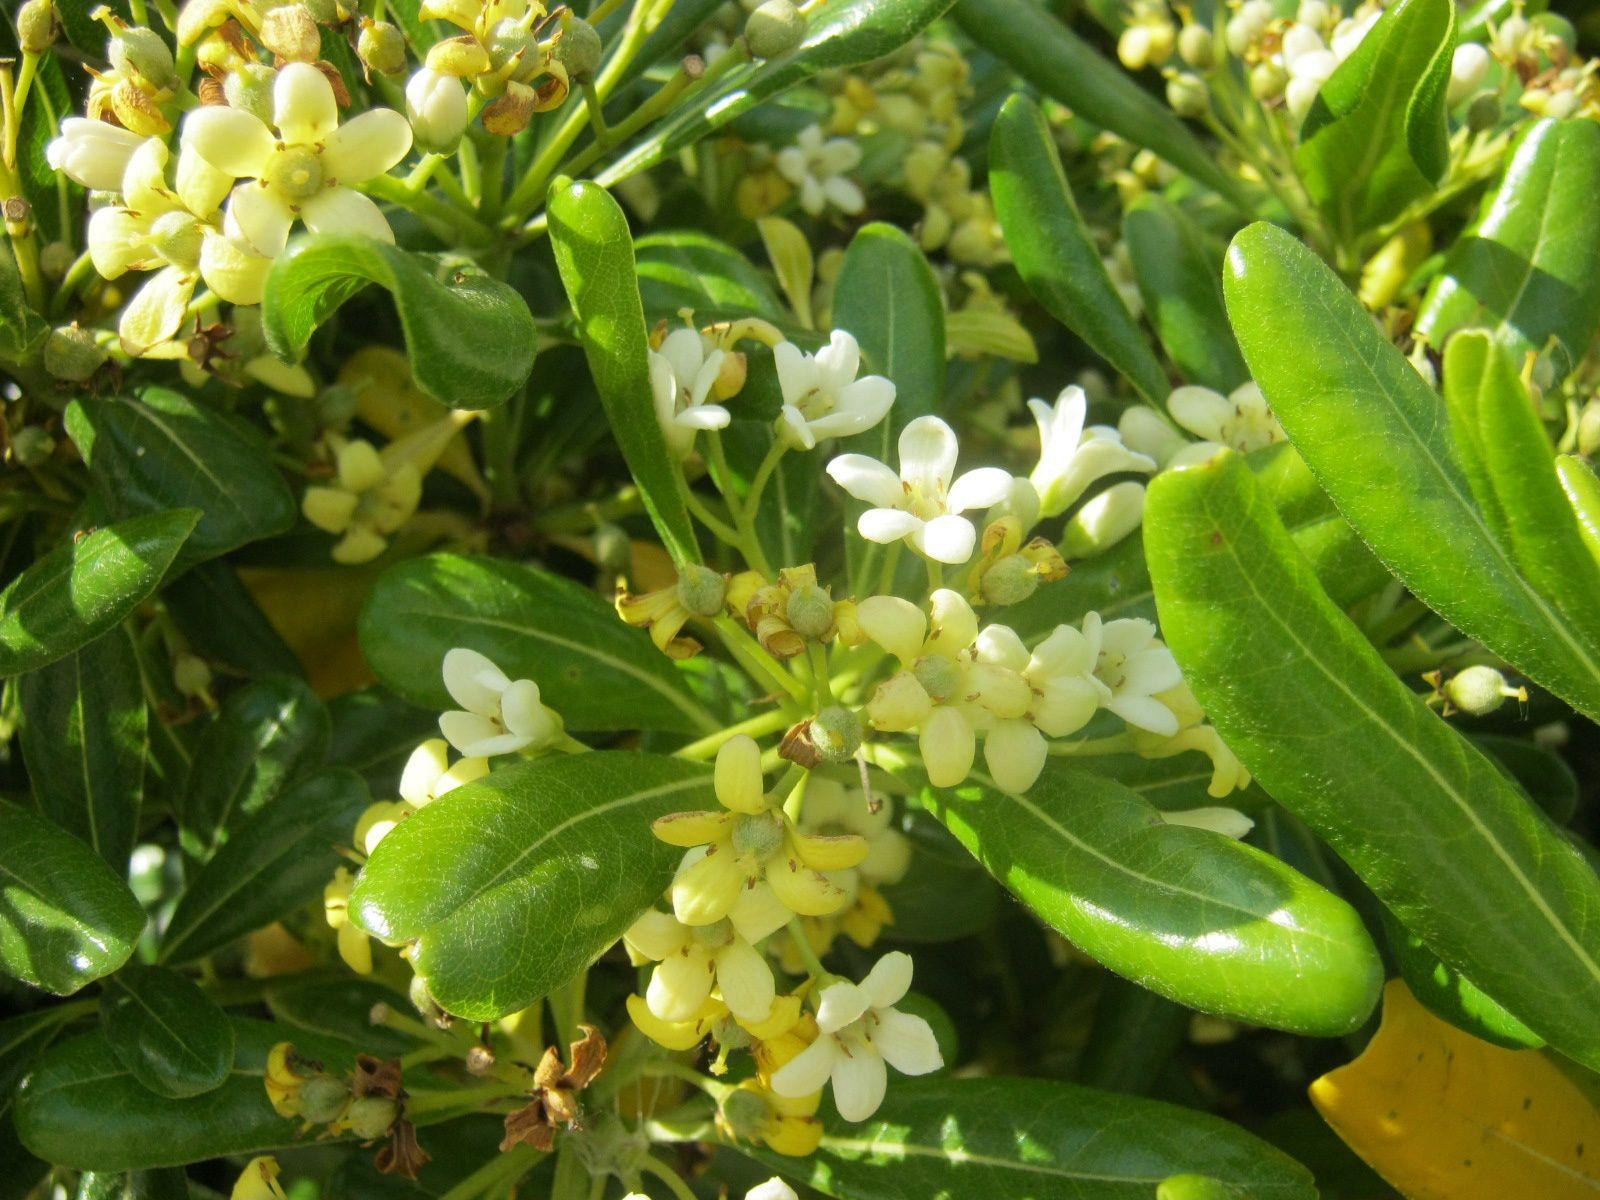 c'est peut être une variété de jasmin, c'est la même odeur - il est déjà 19 heures on reviendra voir la roseraie un autre jour